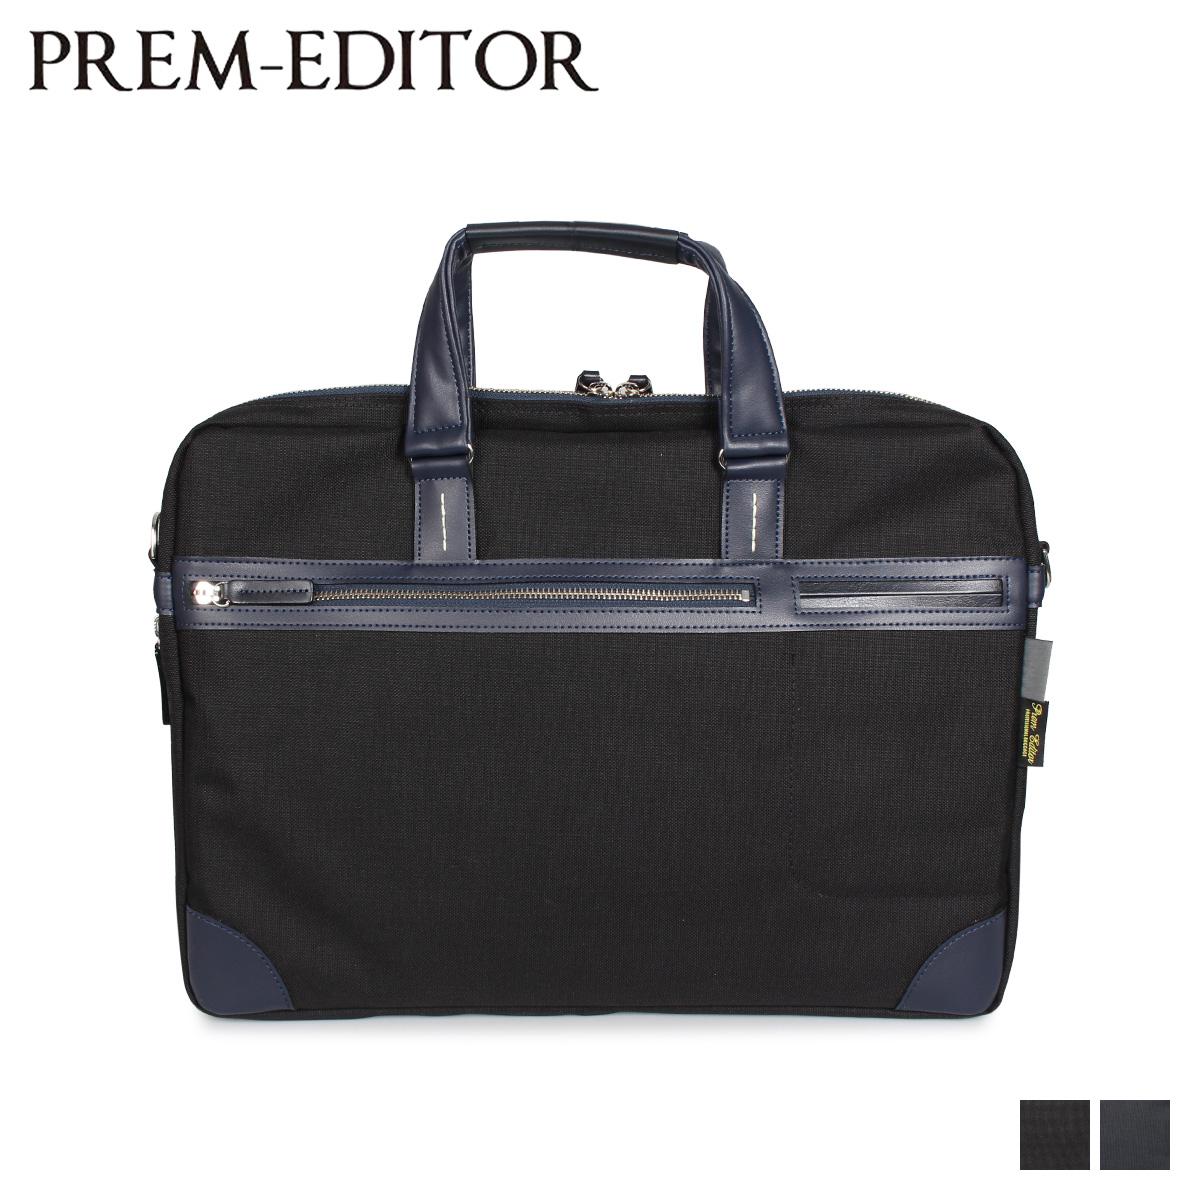 スーパーSALE 送料無料 プレム エディター PREM-EDITOR BRIEF BAG バッグ ブラック ショルダーバッグ 黒 公式通販 オンライン限定商品 02752 メンズ 6L ビジネスバッグ ネイビー